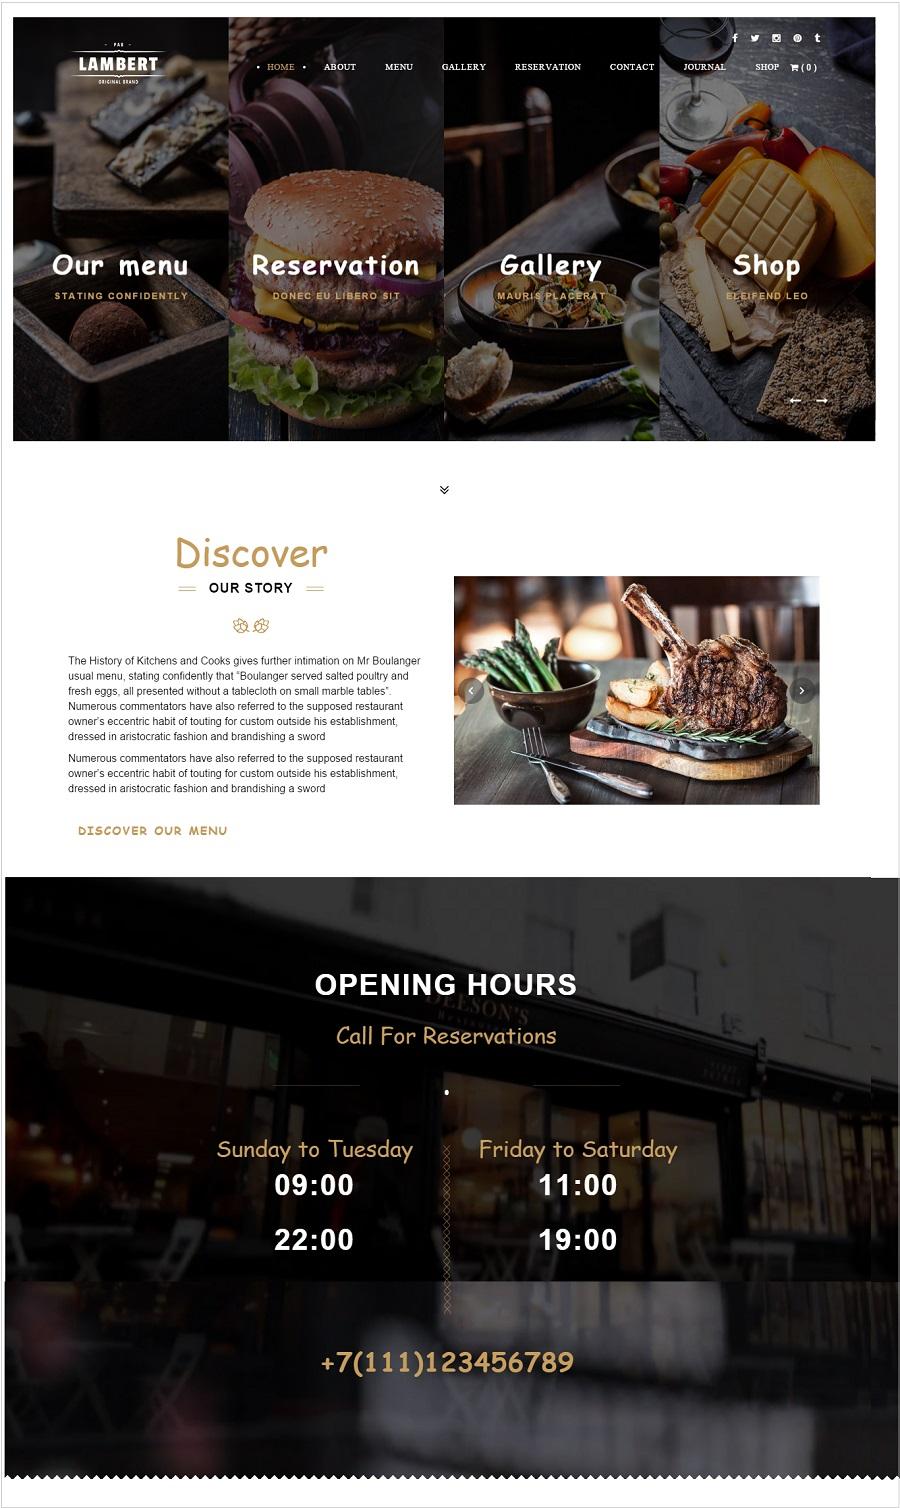 lambert restaurant wordpress theme